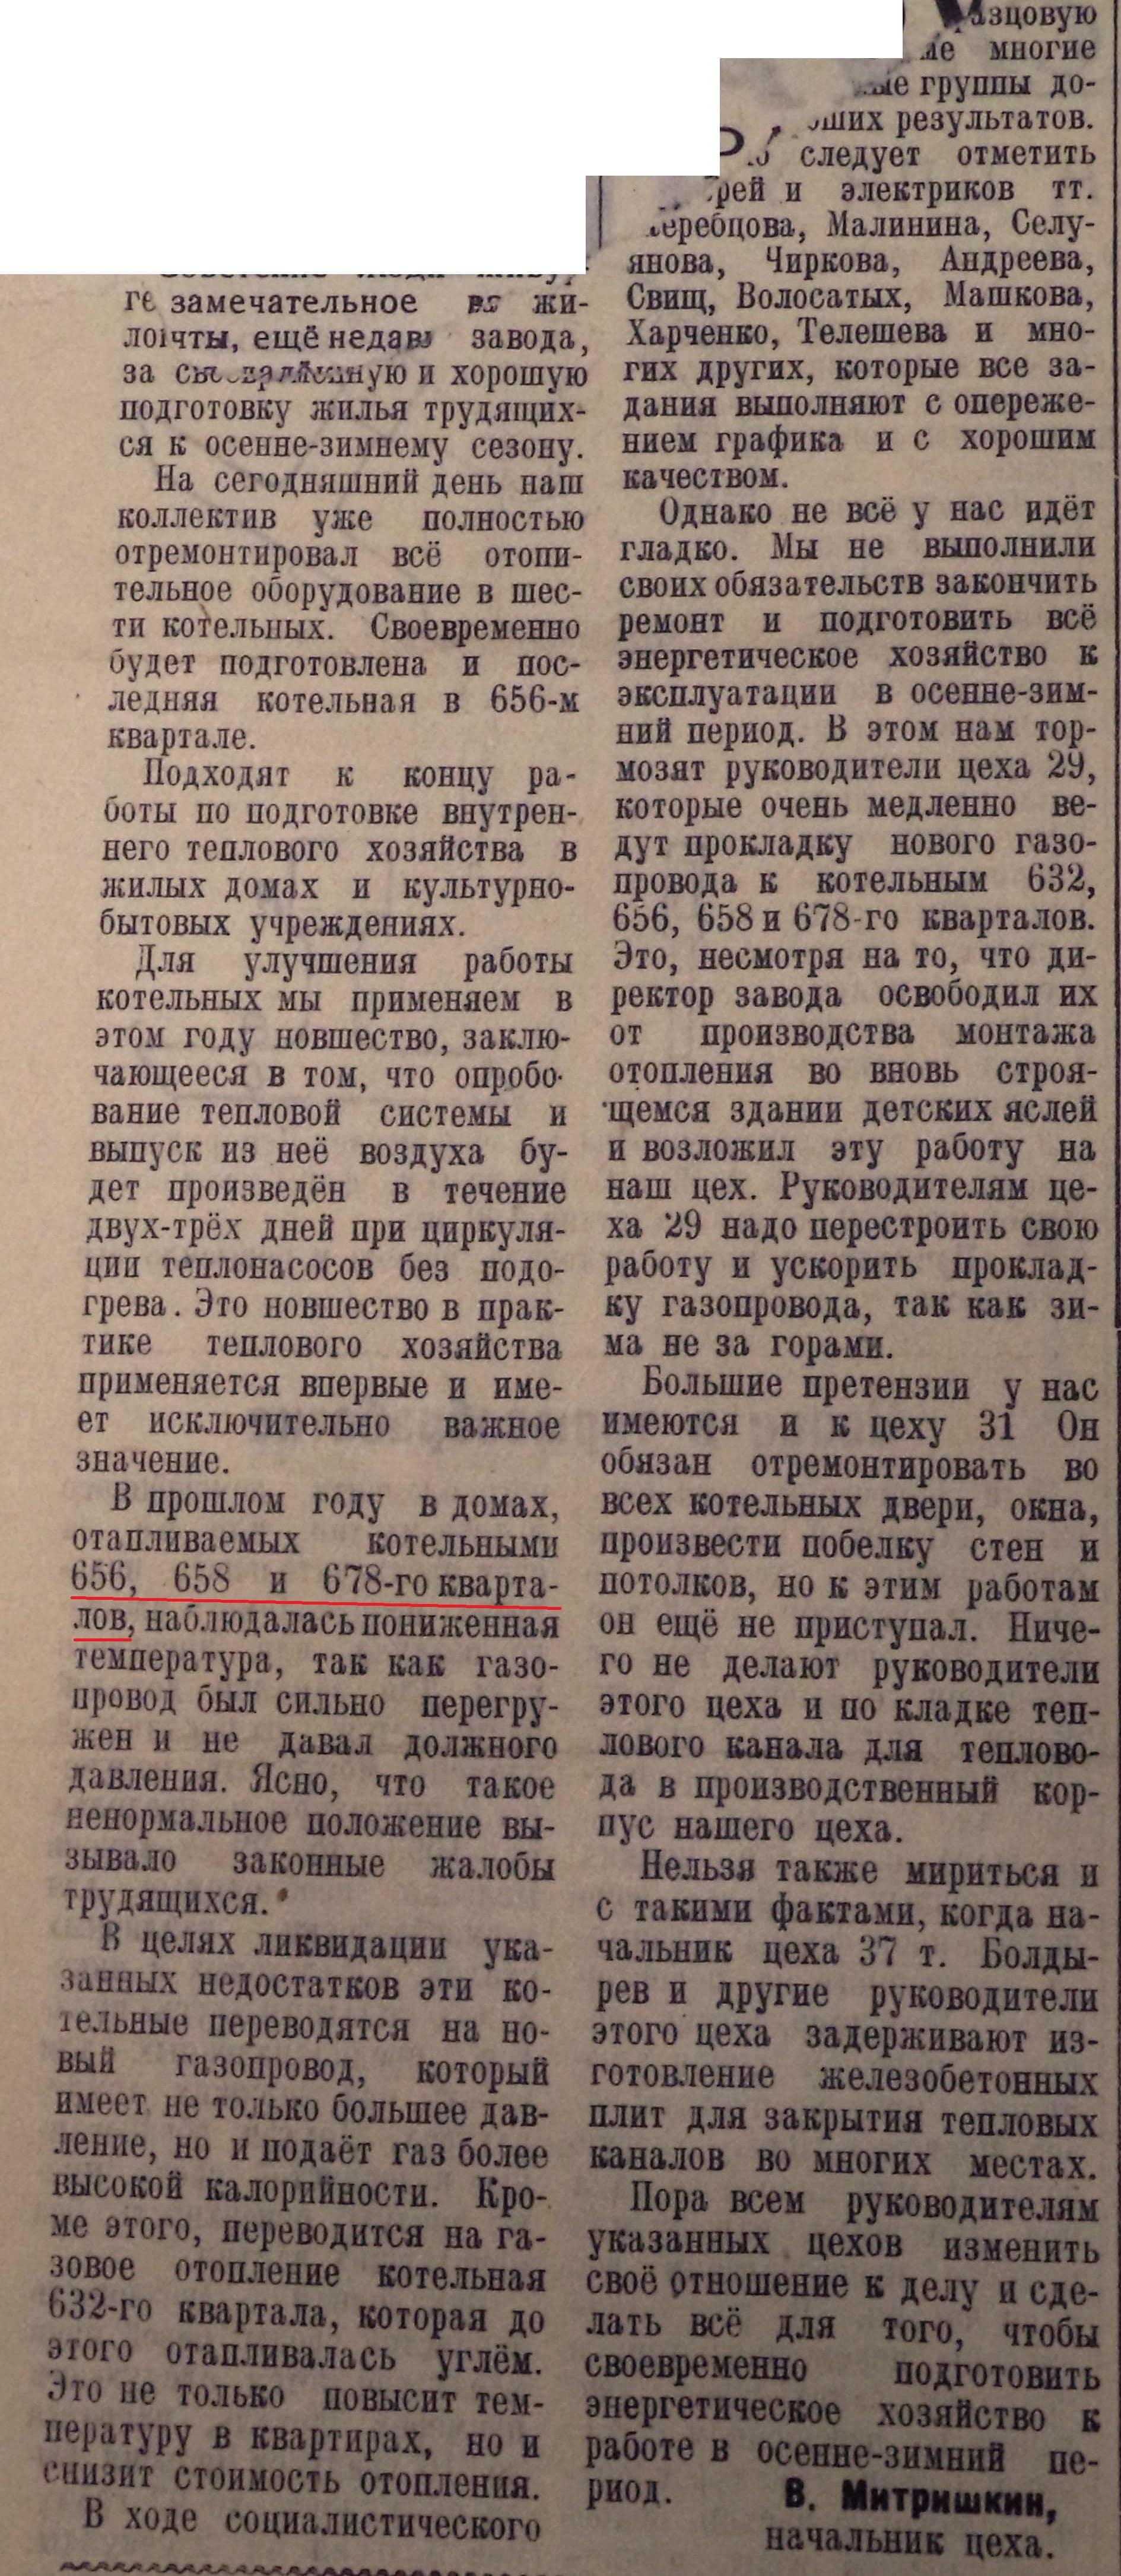 Томашевский-ФОТО-14-За ударные темпы-1961-2 сентября-min-min